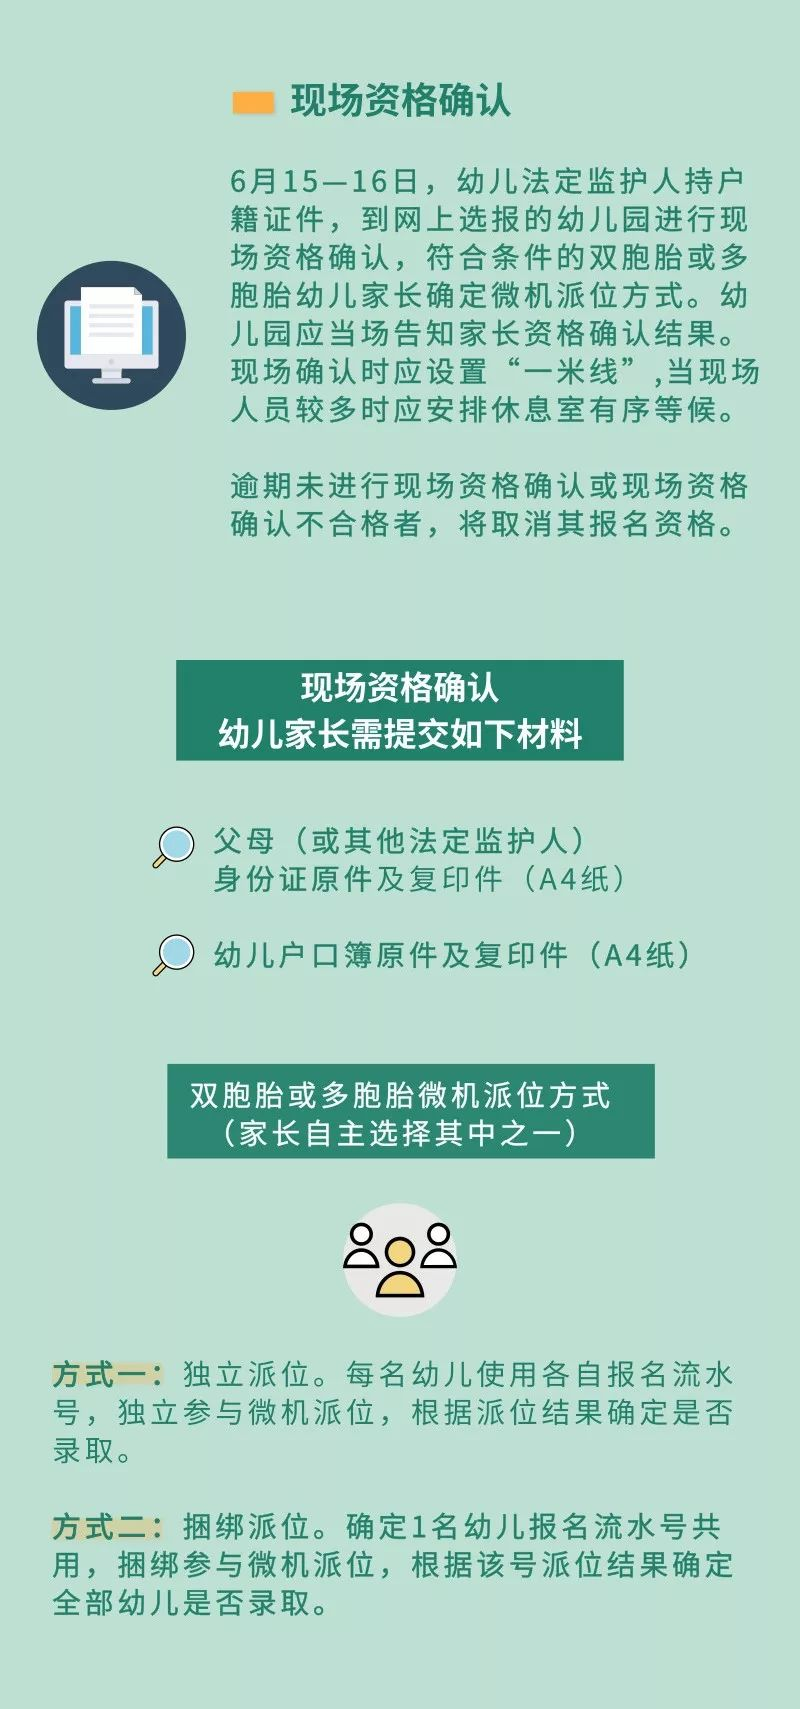 2019年成都金牛区公益幼儿园招生公告(报名 划片)